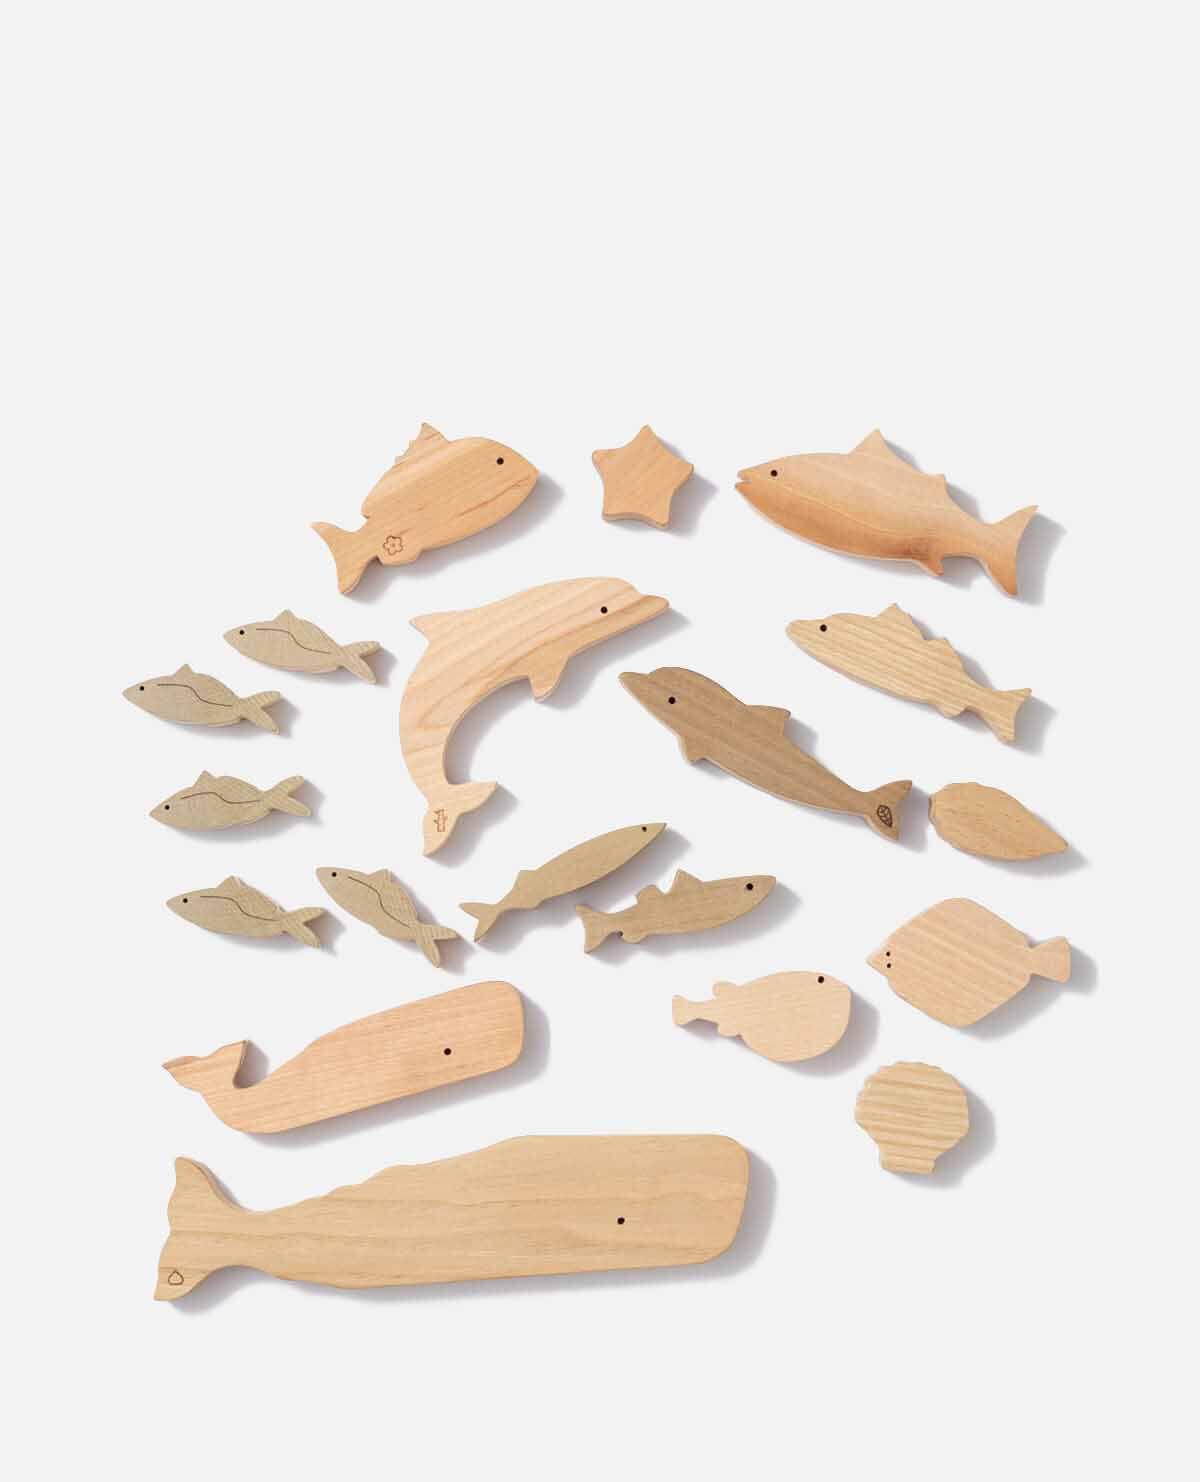 海 どうぶつ 動物 つみき 積み木 木製